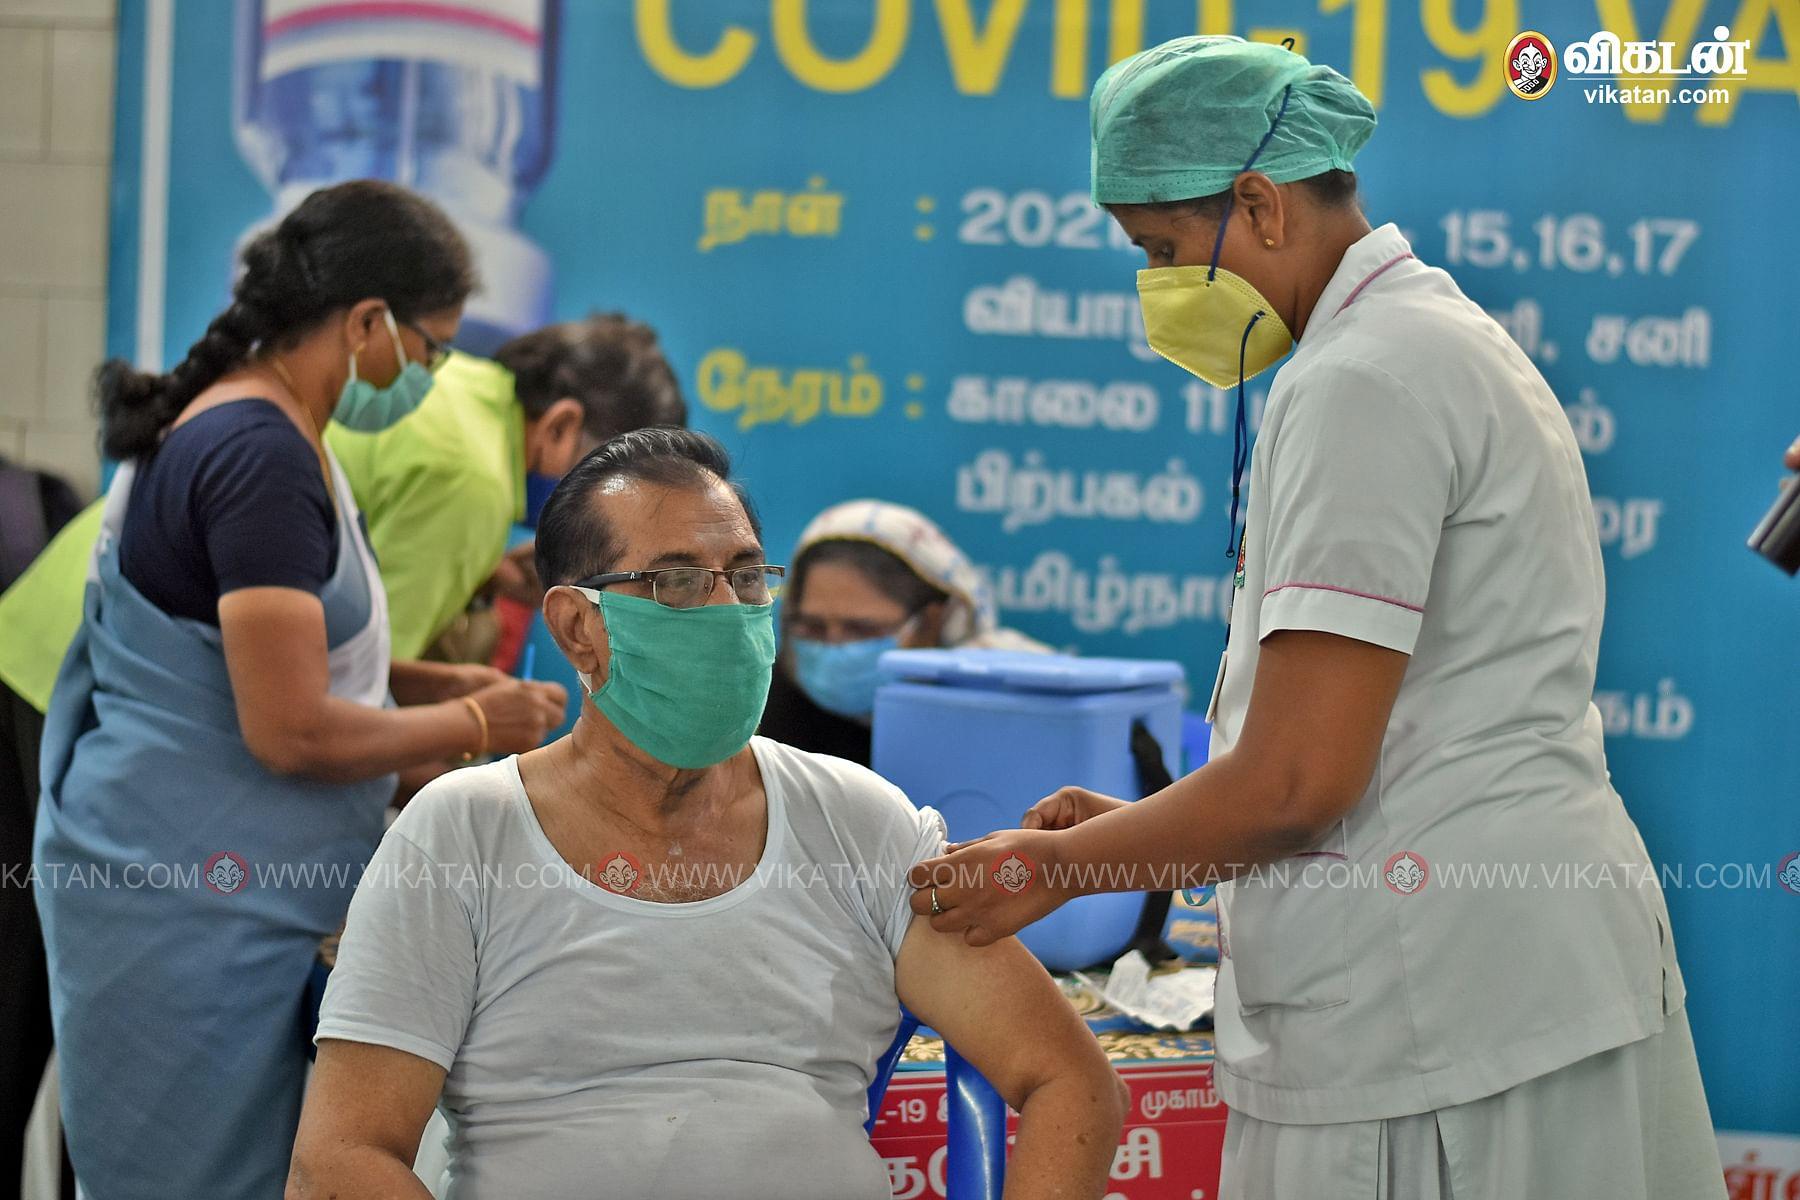 DSC 5395 Tamil News Spot